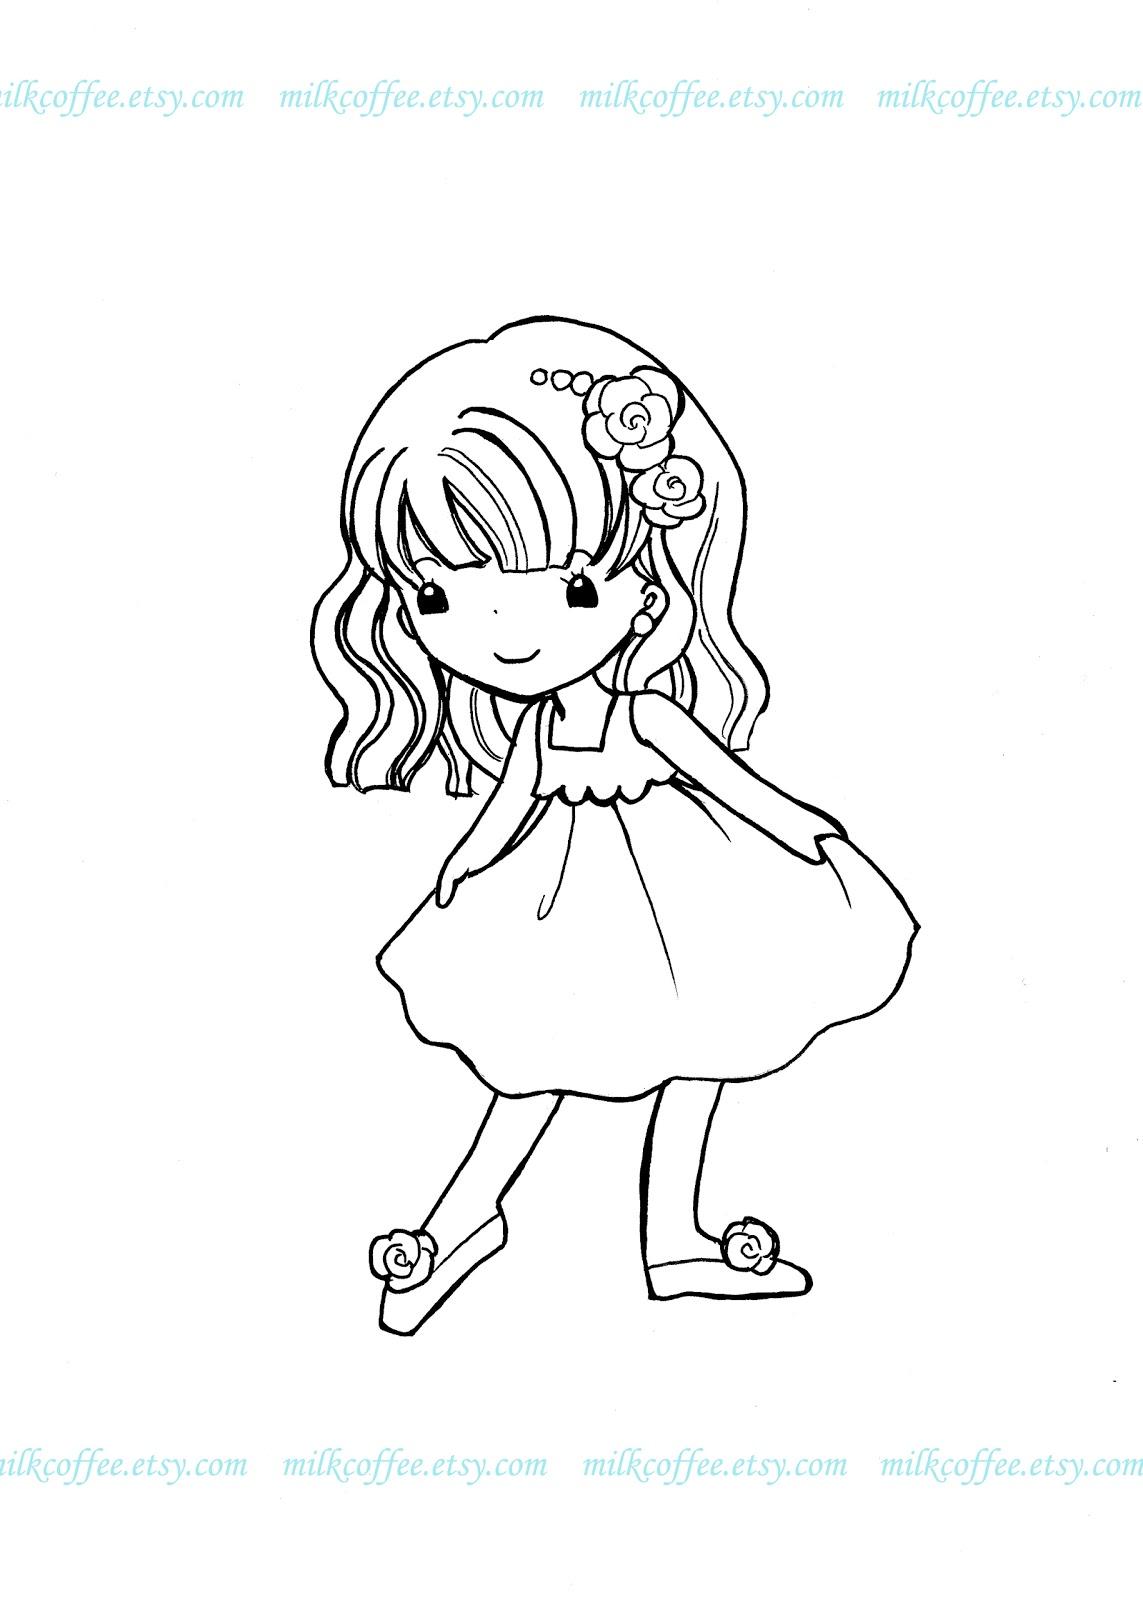 Coloriage de petite fille liberate - Dessin de fille ...